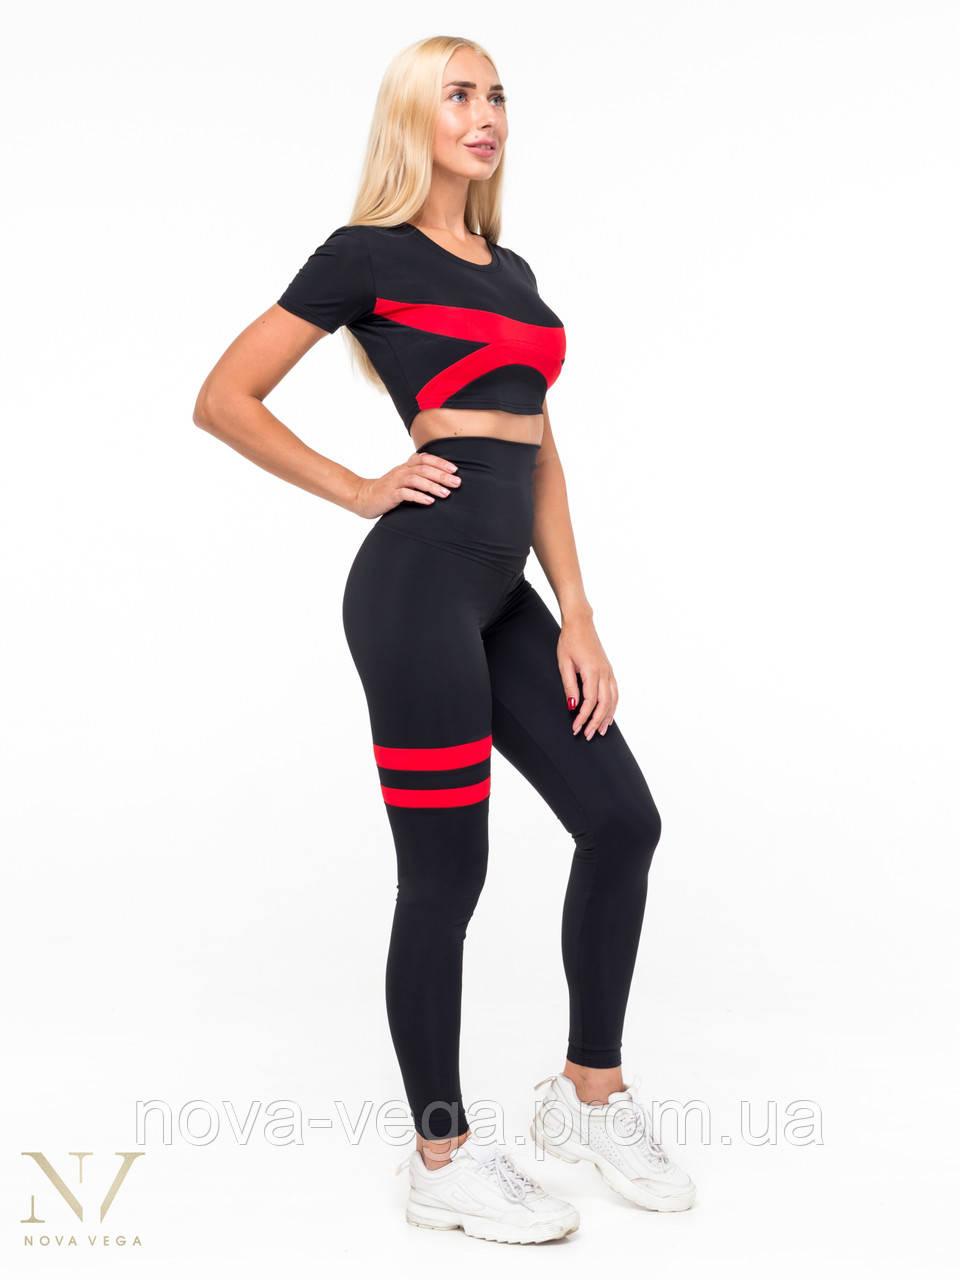 Тренировочные Женские Лосины Nova Vega Adel Black&Red Высокий Пояс